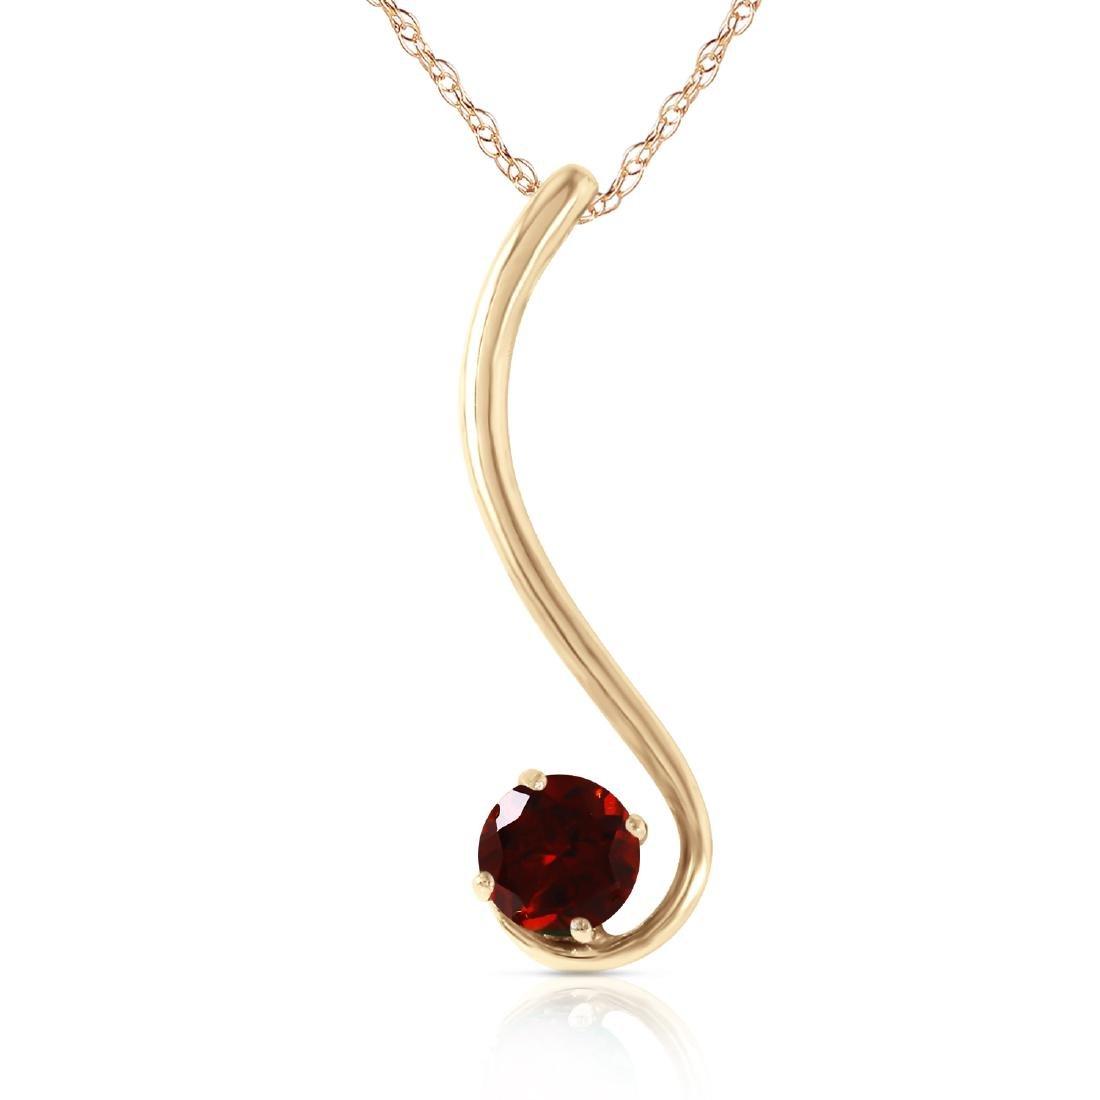 Genuine 0.55 ctw Garnet Necklace Jewelry 14KT Yellow